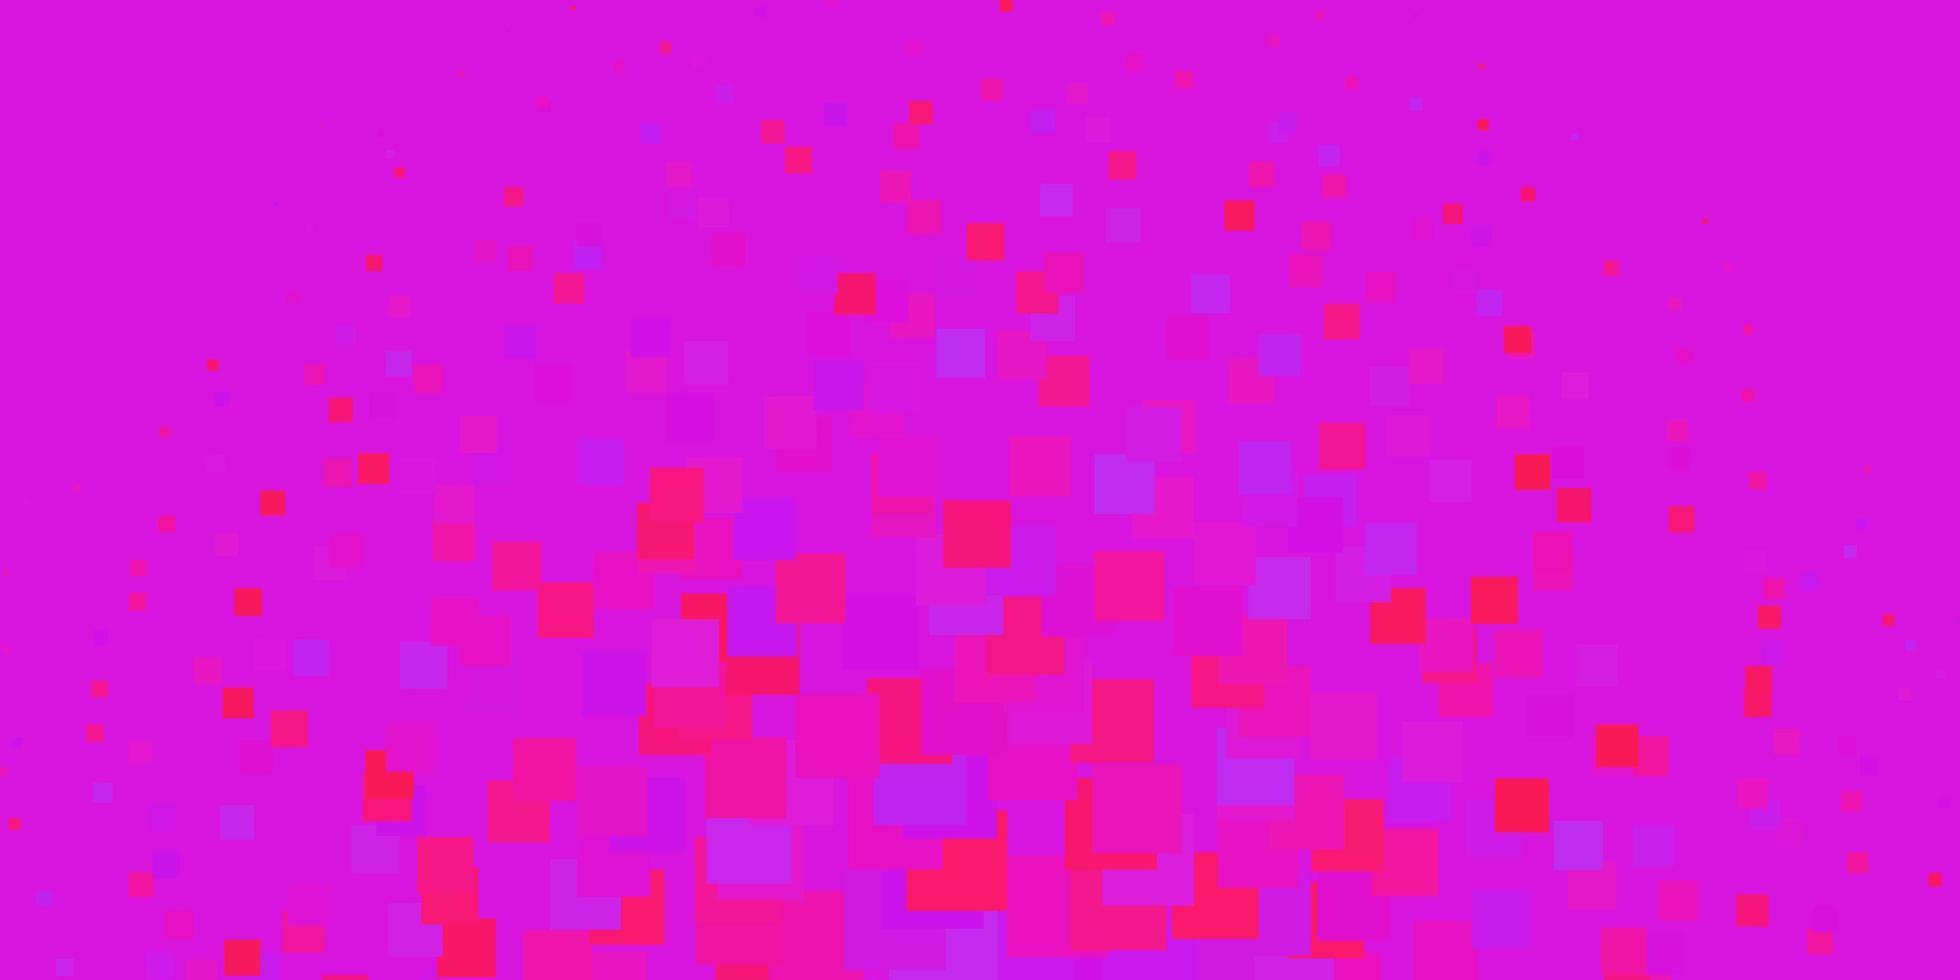 ljuslila, rosa vektormönster i fyrkantig stil. vektor